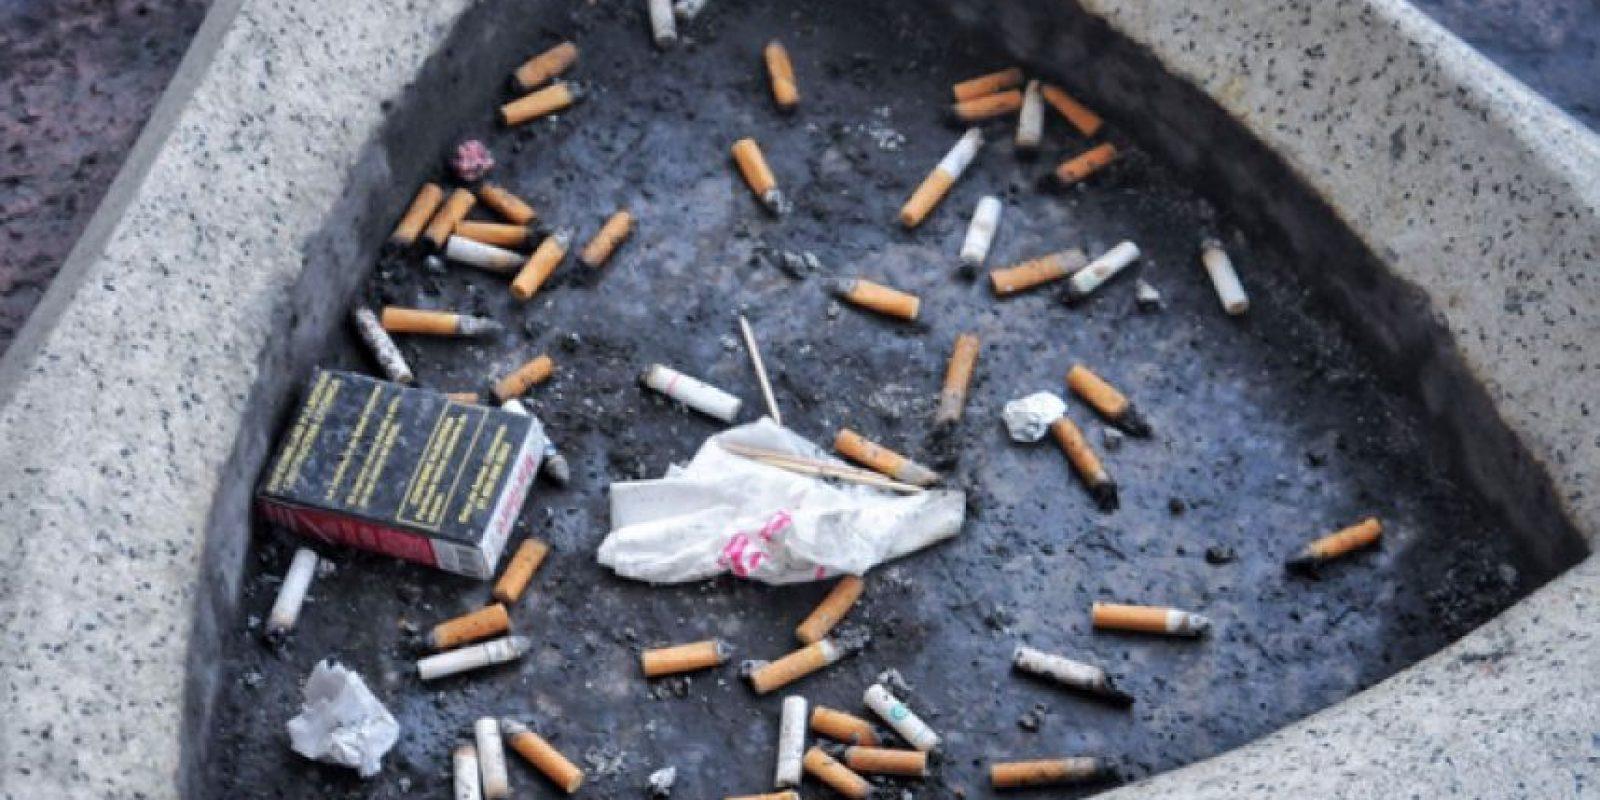 Es común que afuera de establecimientos mercantiles o centros de trabajo haya zonas de fumadores que no abonan a reducir la contaminación por cigarrillos. Foto:Cuartsocuro